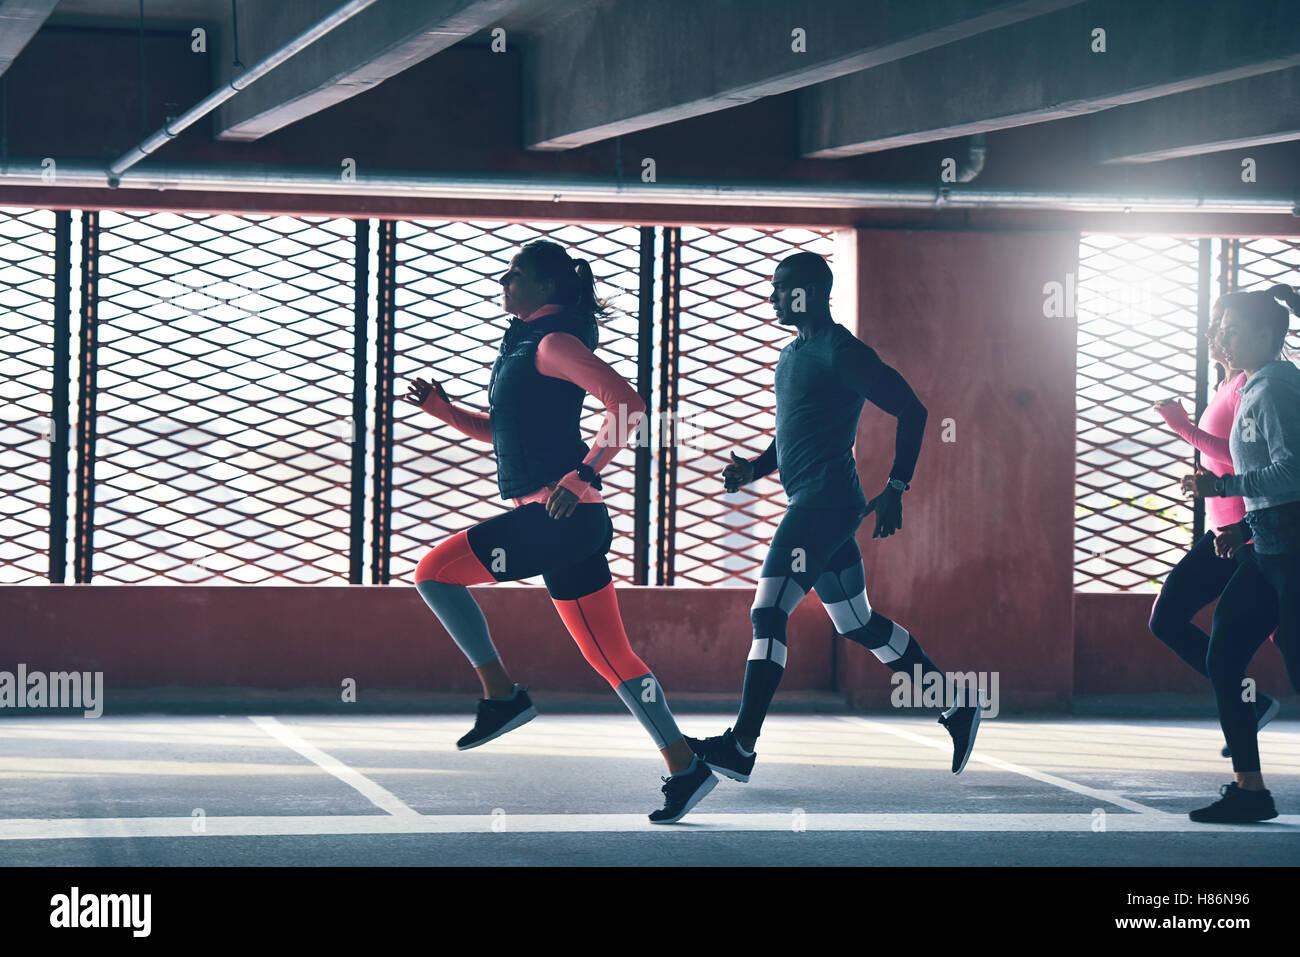 Vista laterale dei giovani atleti di esercitare nella parte anteriore delle grandi finestre. Copyspace Immagini Stock